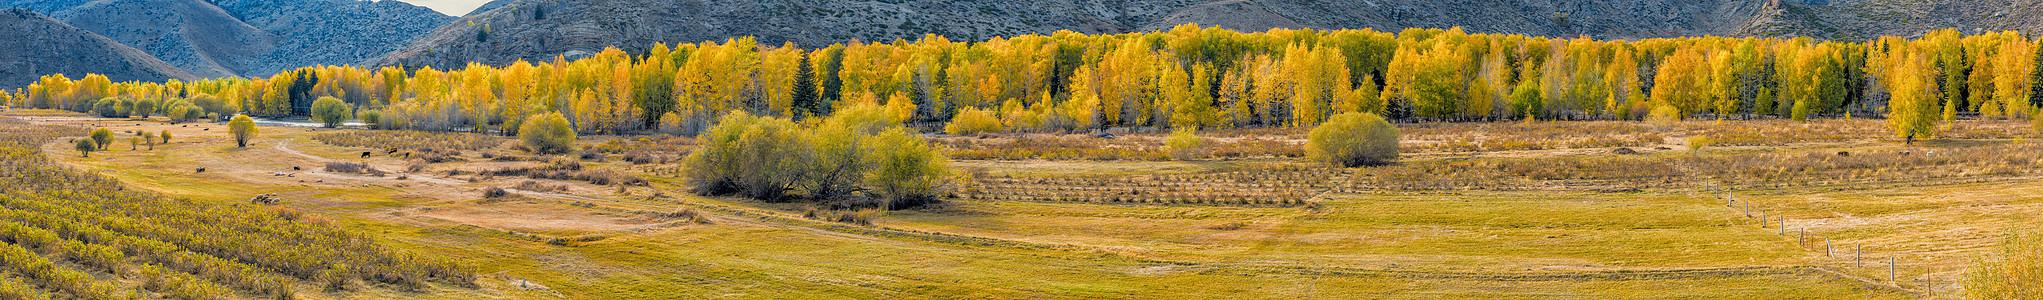 北疆金秋草原白桦林全景图片